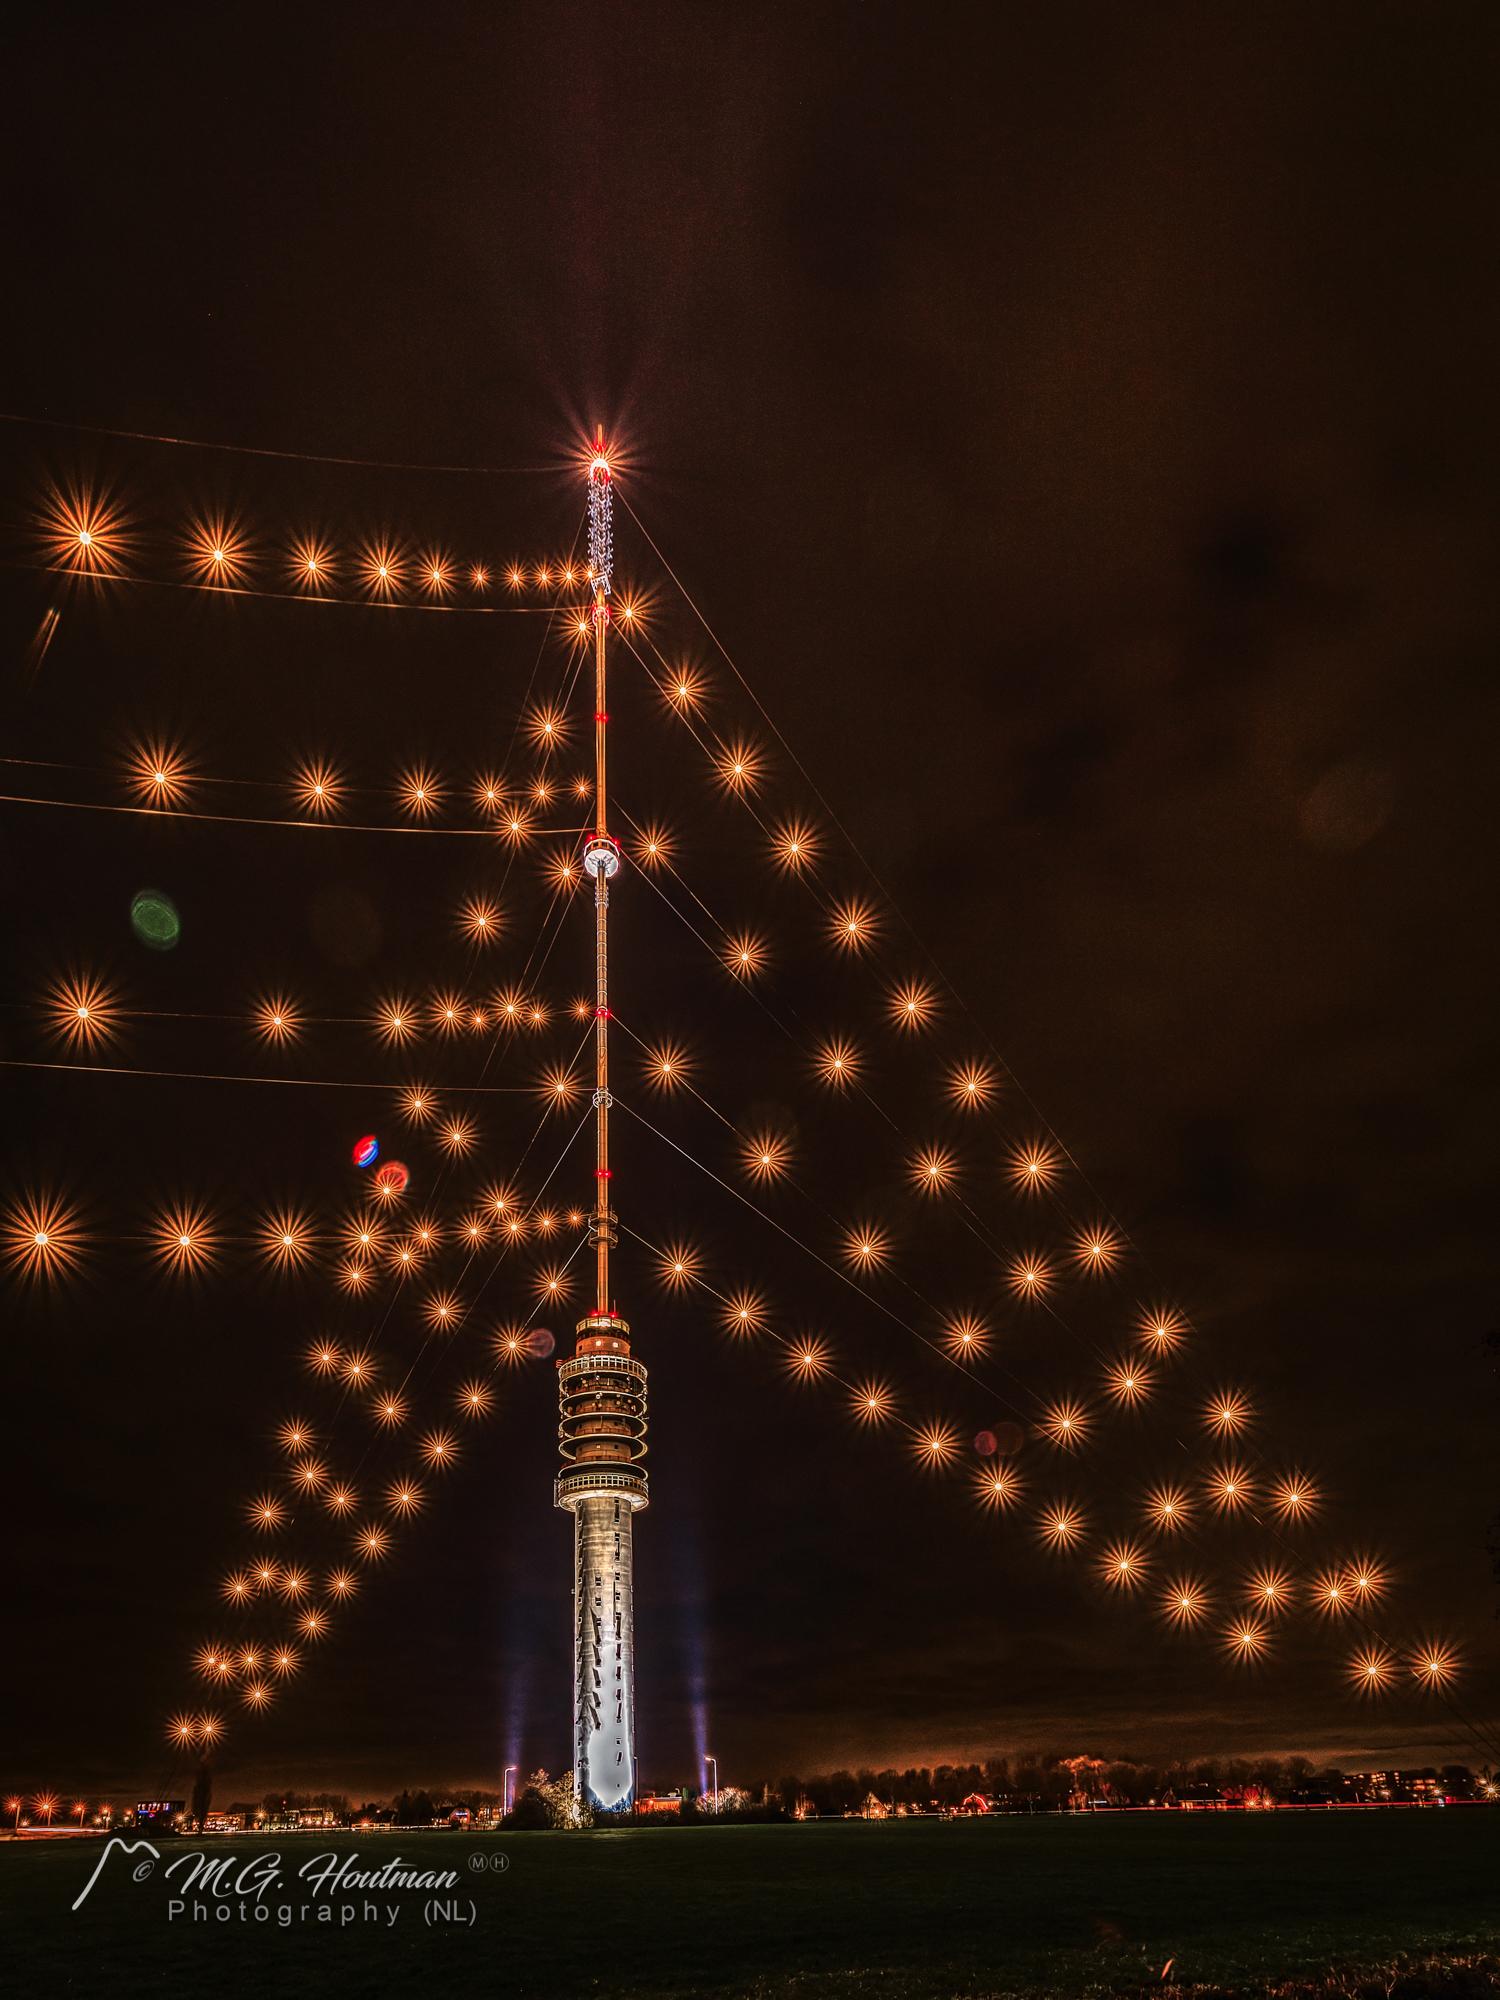 De Gerbrandytoren, ook wel bekend als Zendmast Lopik, is een toren met zendmast in het Nederlandse IJsselstein voor FM-radio- en televisie-uitzendingen. De toren werd op 17 januari 1961 in gebruik genomen en op 9 mei 1961 geopend door koningin Juliana. Met 372 meter is de Gerbrandytoren de hoogste constructie in Nederland.